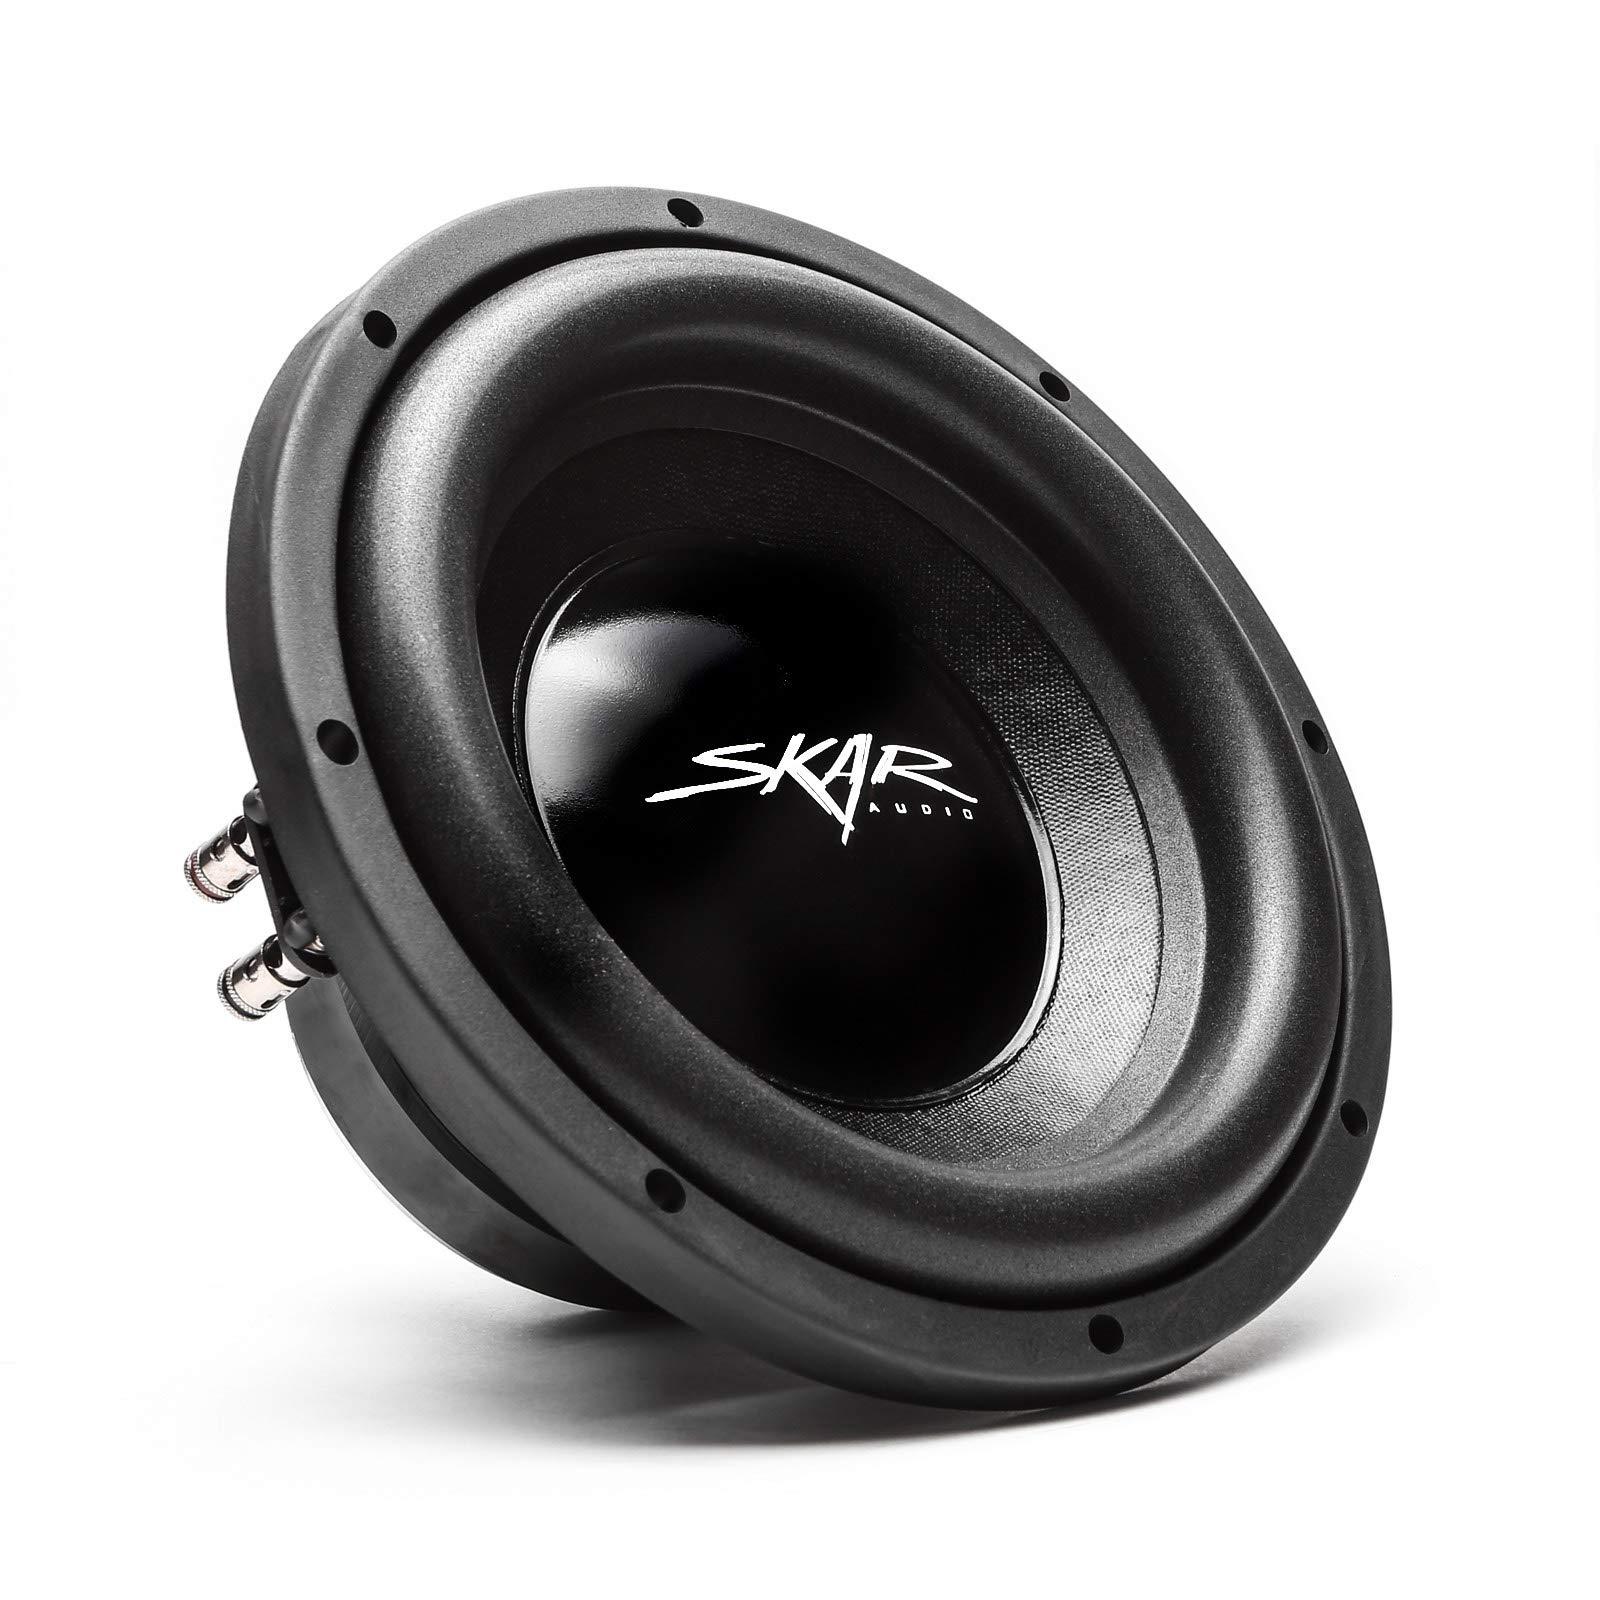 Skar Audio IX 10 D2 Subwoofer